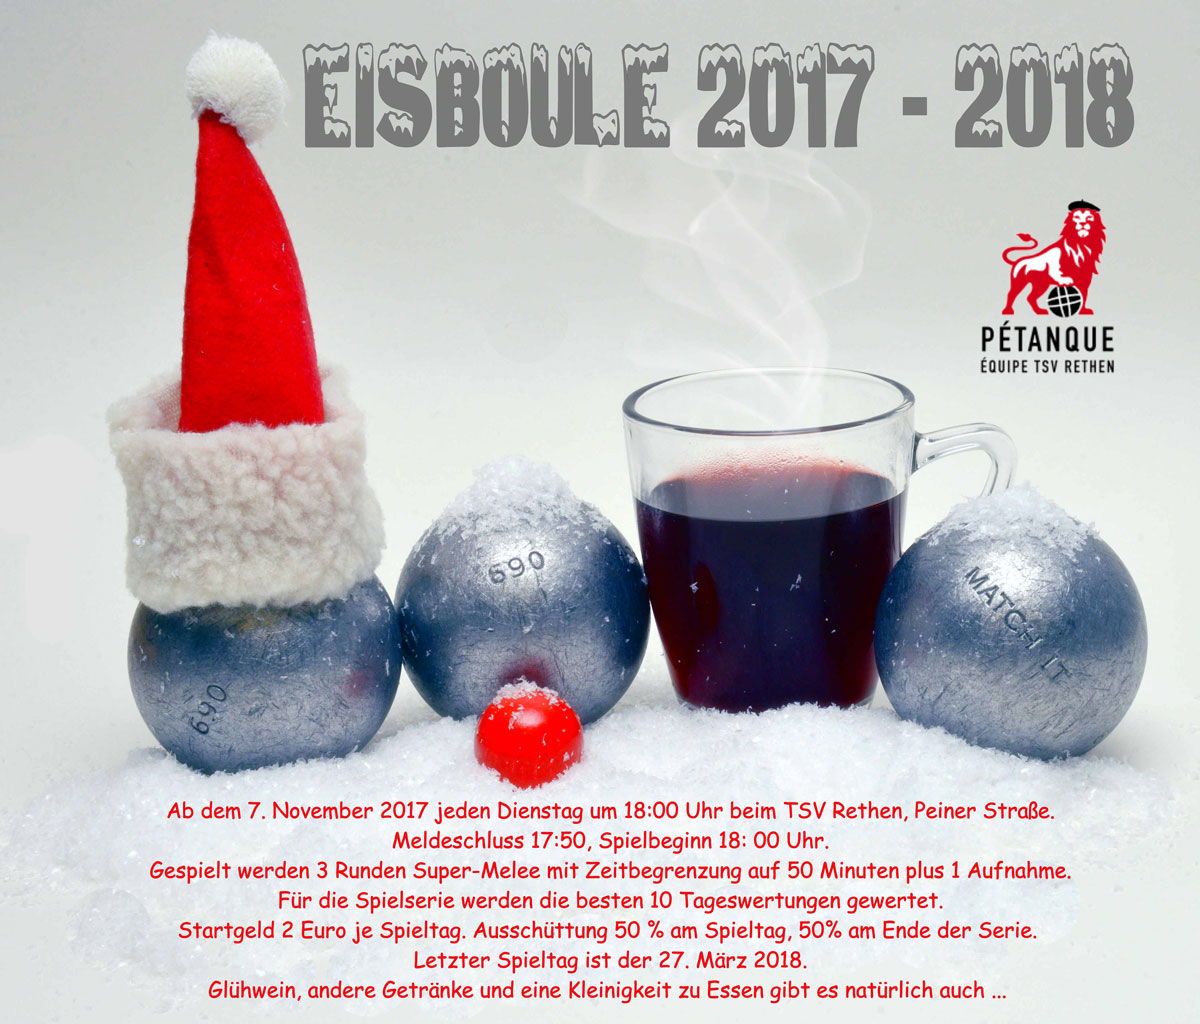 Eisboule 2017 in Rethen